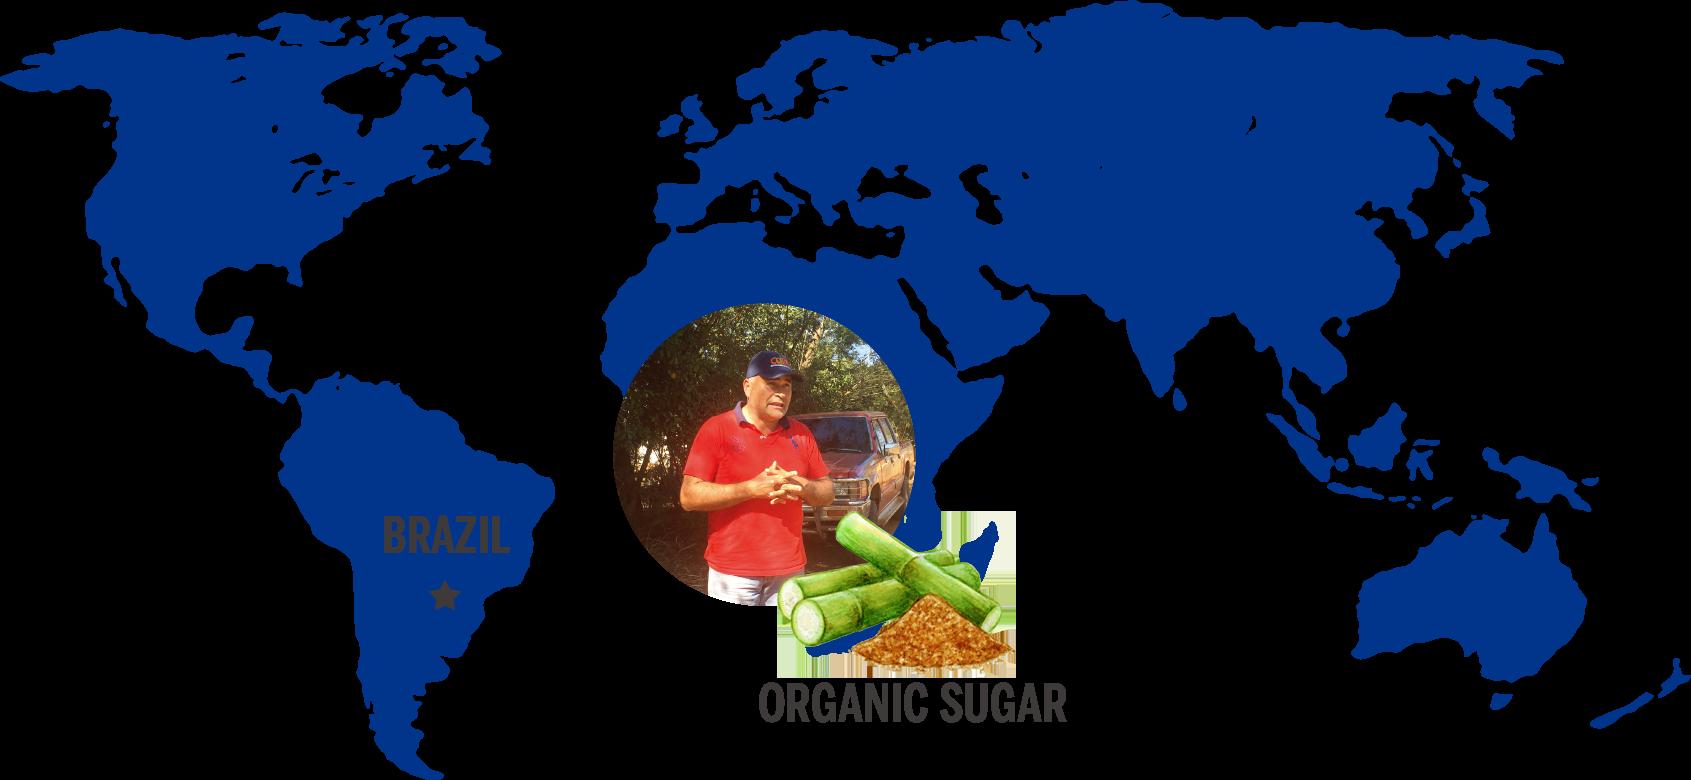 ドクターブロナーがフェアトレードで調達しているオーガニックシュガーソープの主要原材料であるオーガニックシュガー*の生産者と地図(*スクロース(保湿成分))